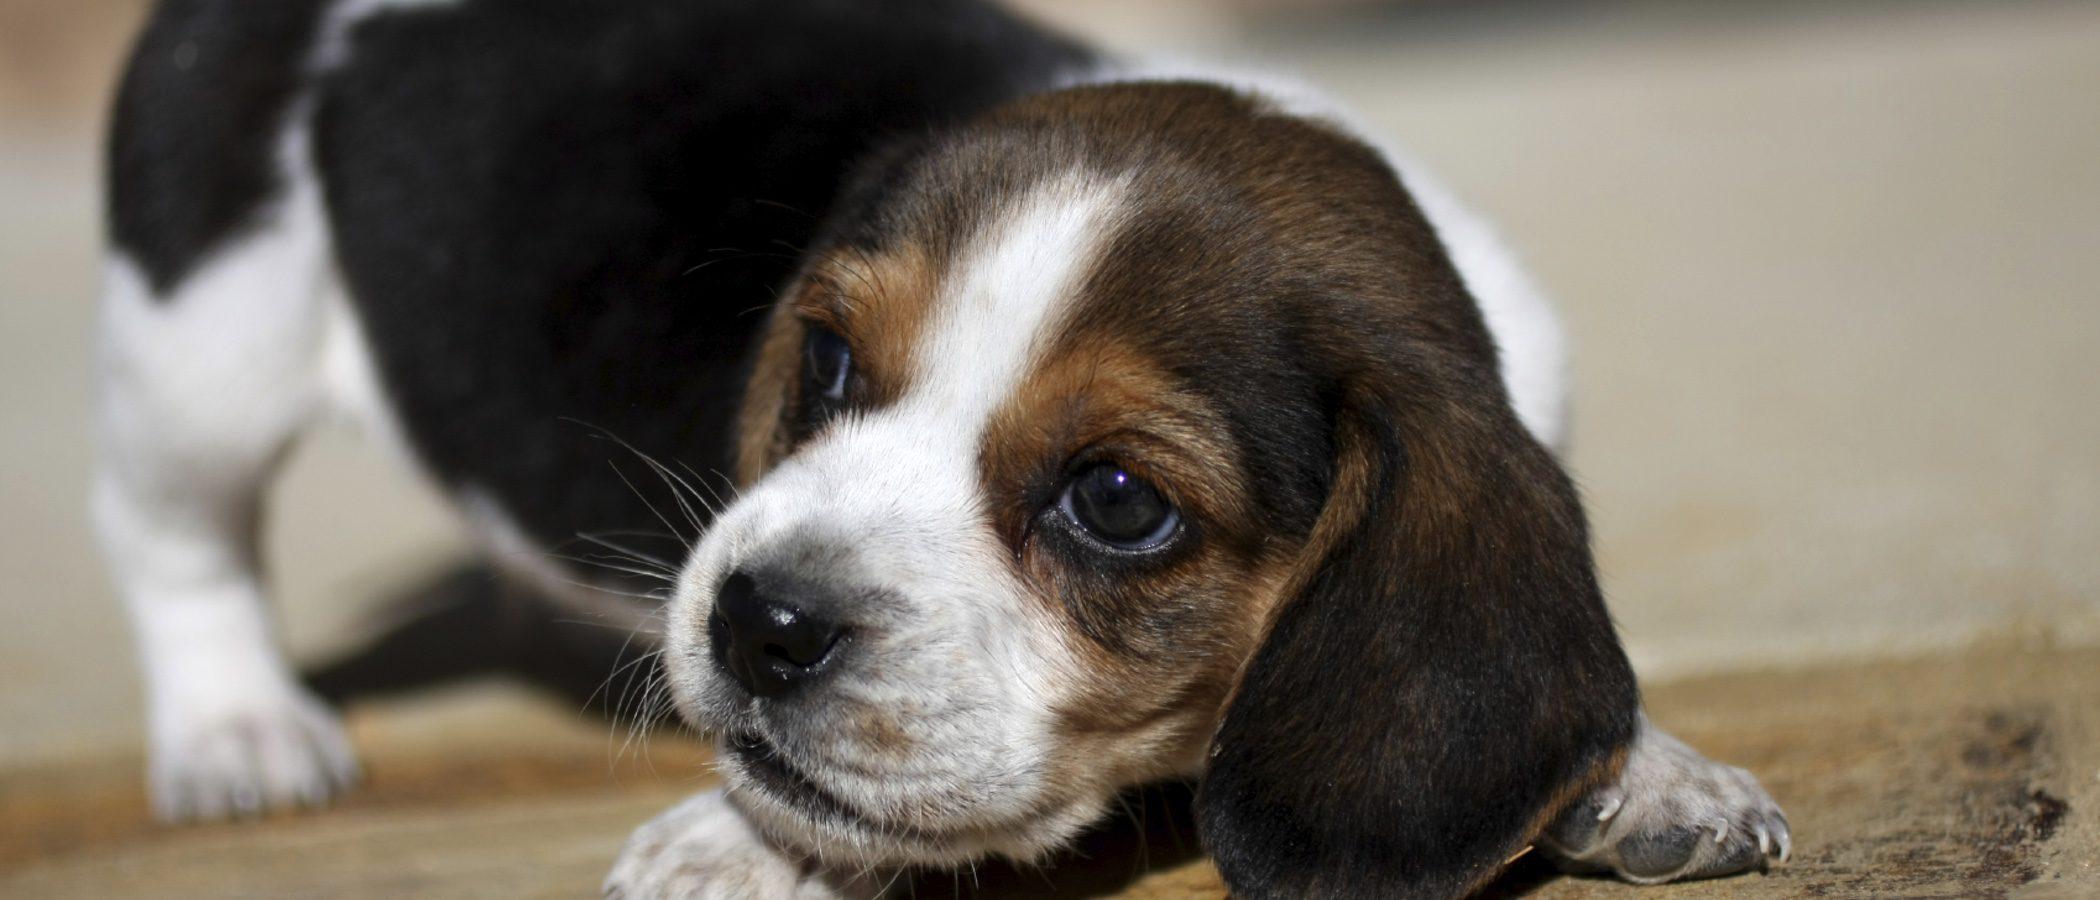 Características y cuidados del Beagle, un perro cazador y bello